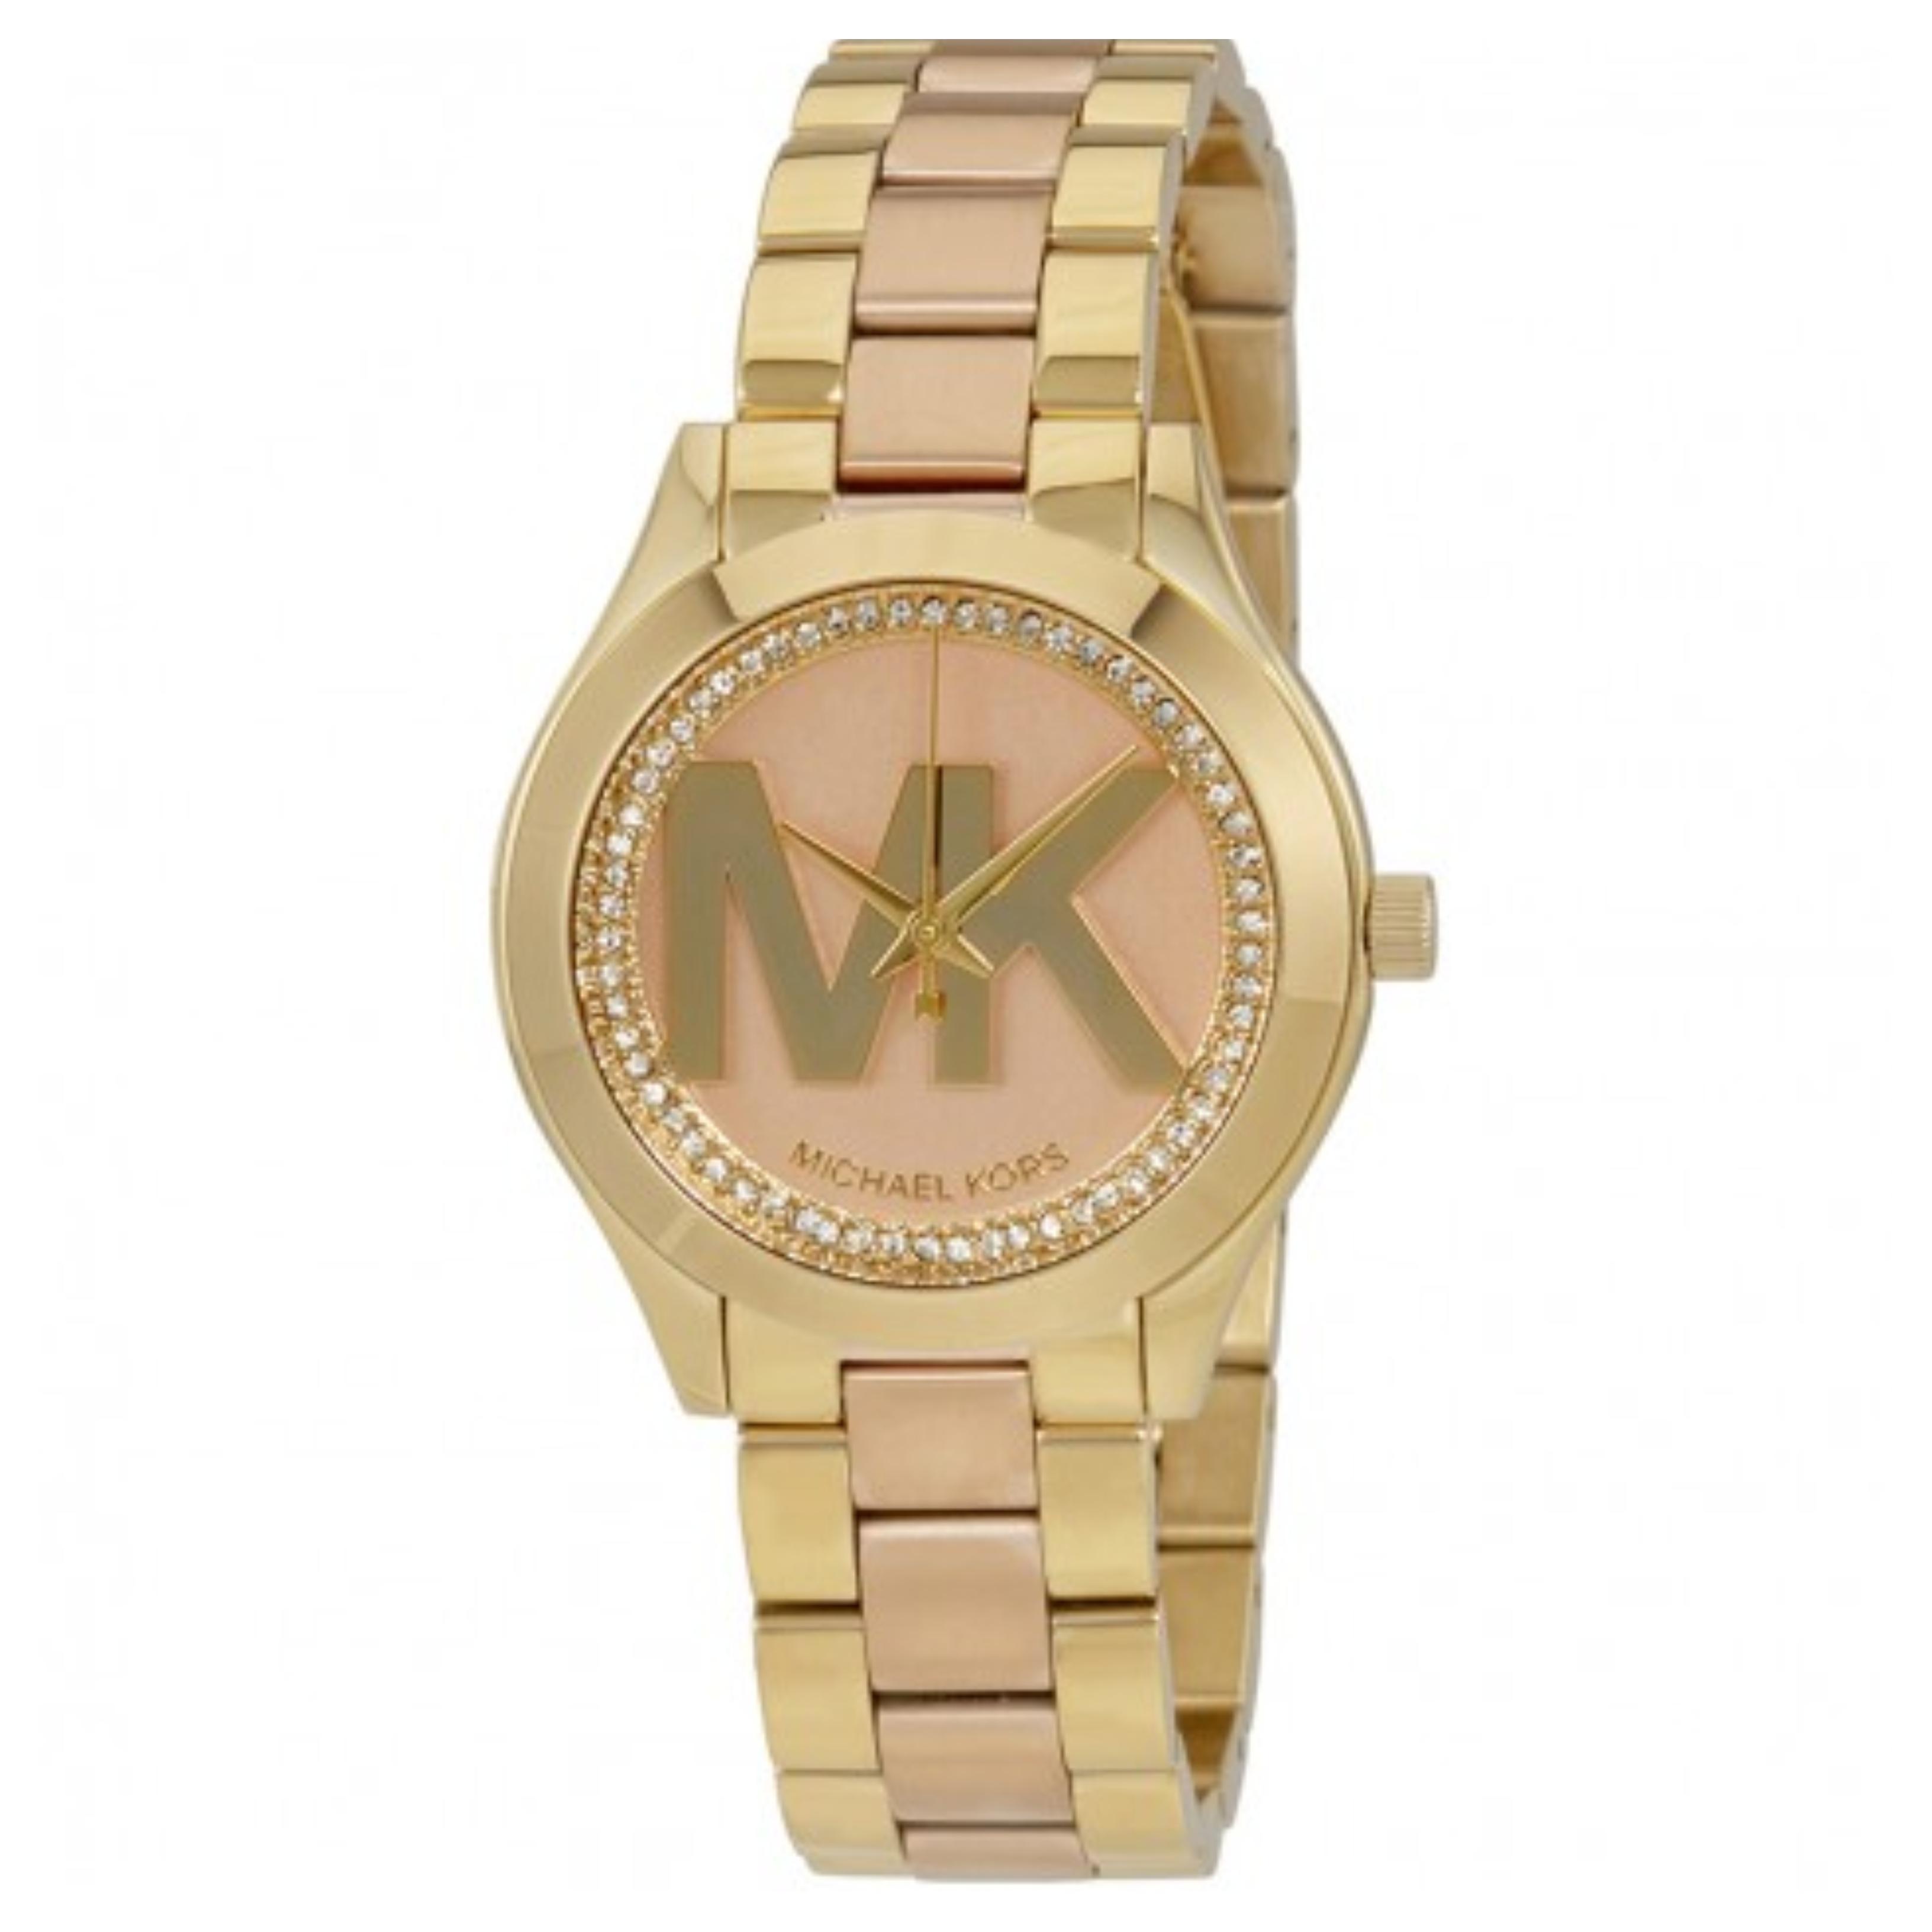 fb089df31bae Michael Kors Mini Slim Runway Rose Gold Tone Watch - Image Of Bear ...